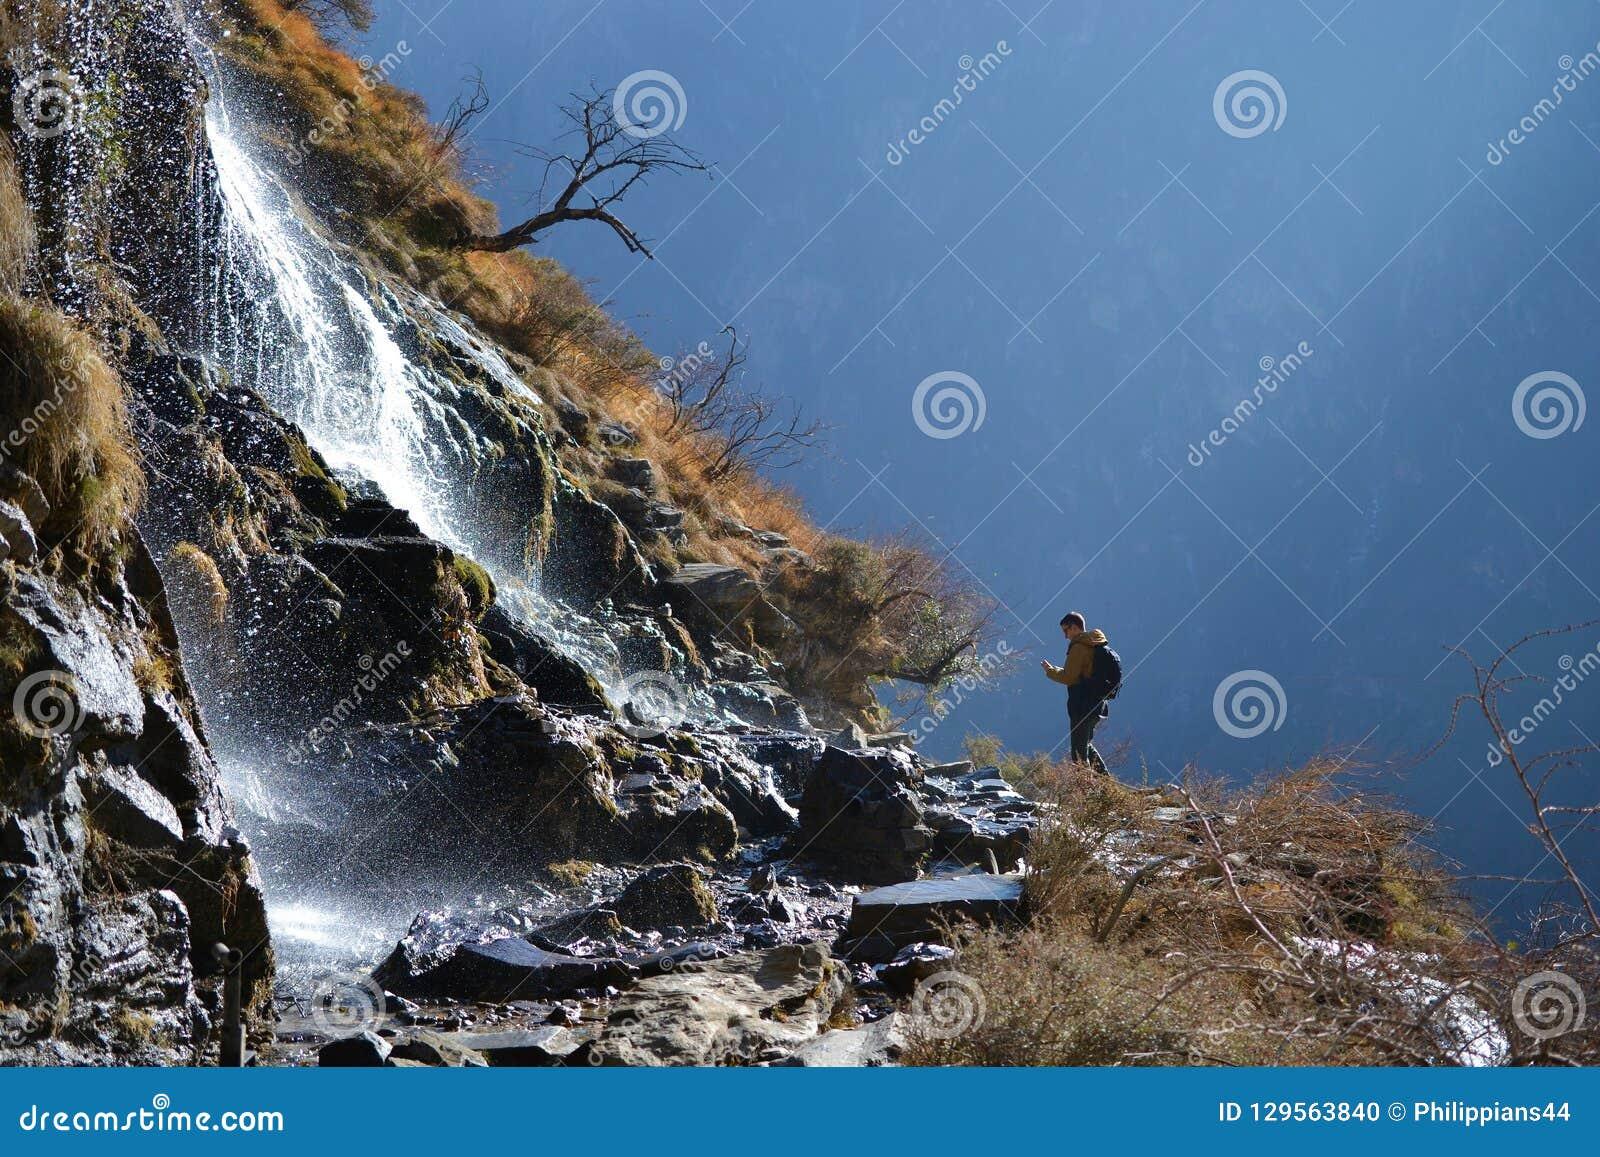 Пеший туризм в тигре перескакивая ущелье Горы и река Между Xianggelila и городом Lijiang, провинция Юньнань, Тибет, Китай